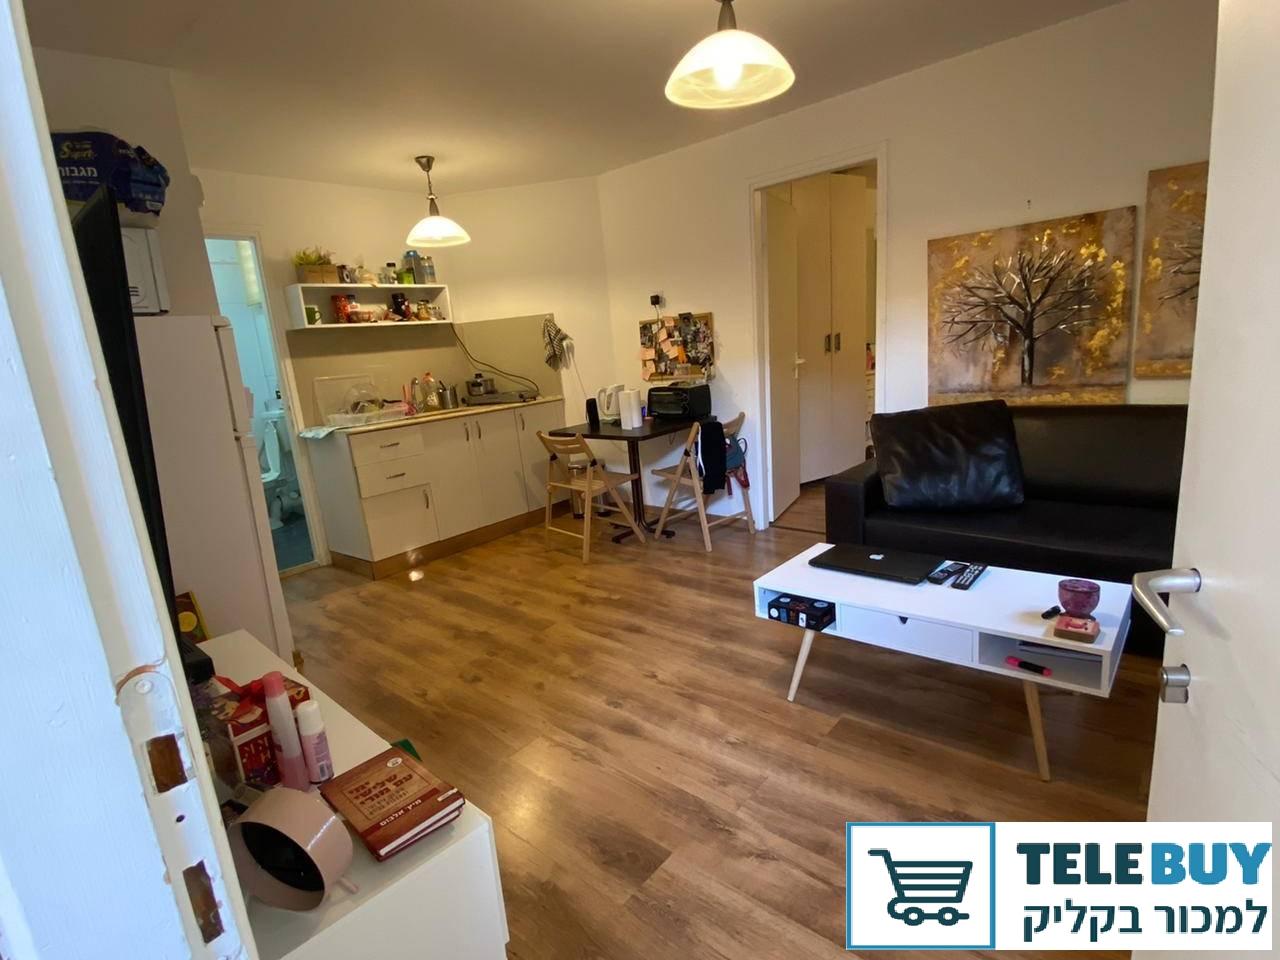 דירות להשכרה יחידת דיור   באילת והסביבה